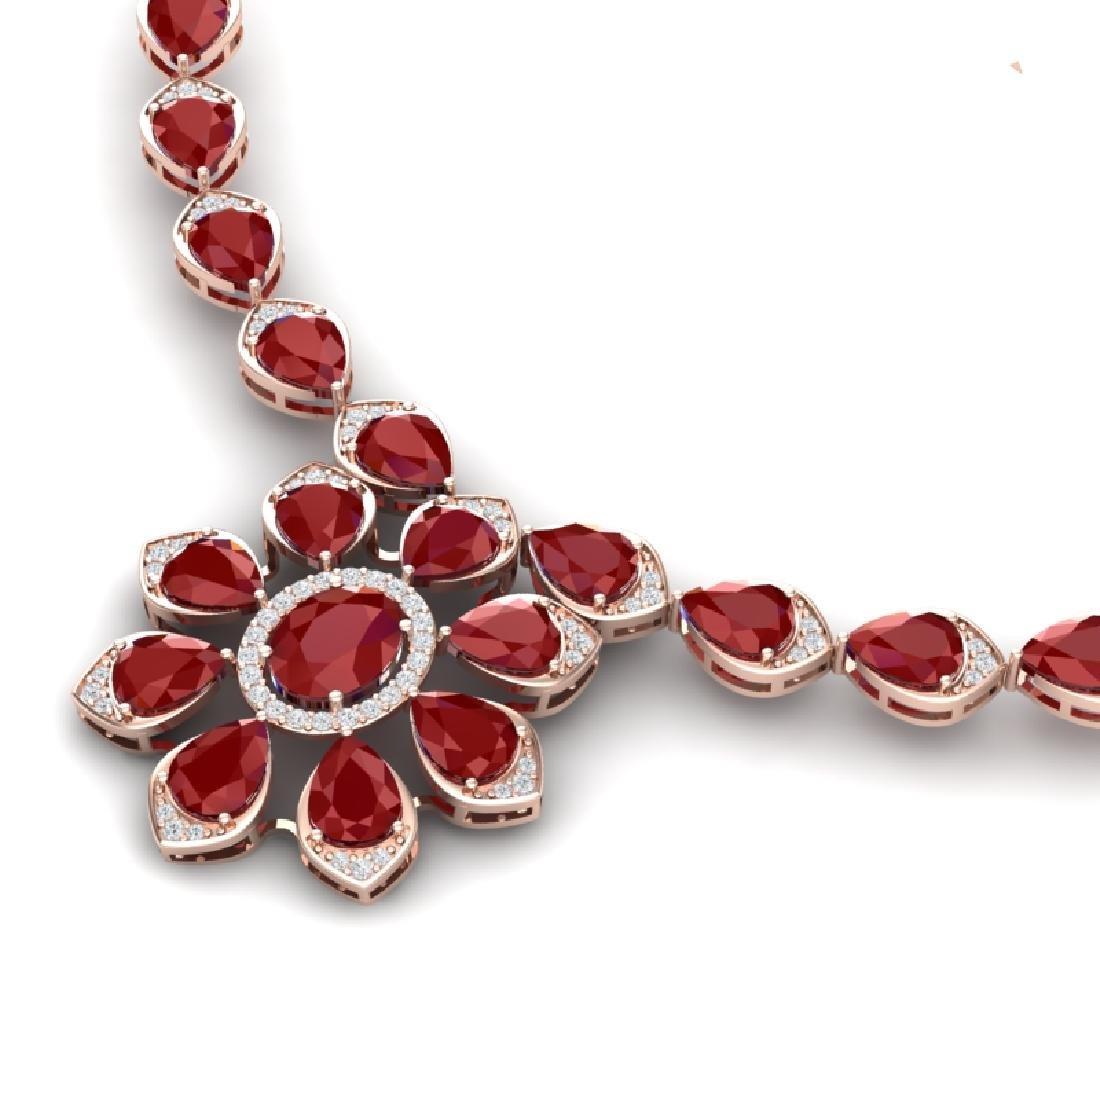 30.70 CTW Royalty Ruby & VS Diamond Necklace 18K Rose - 2